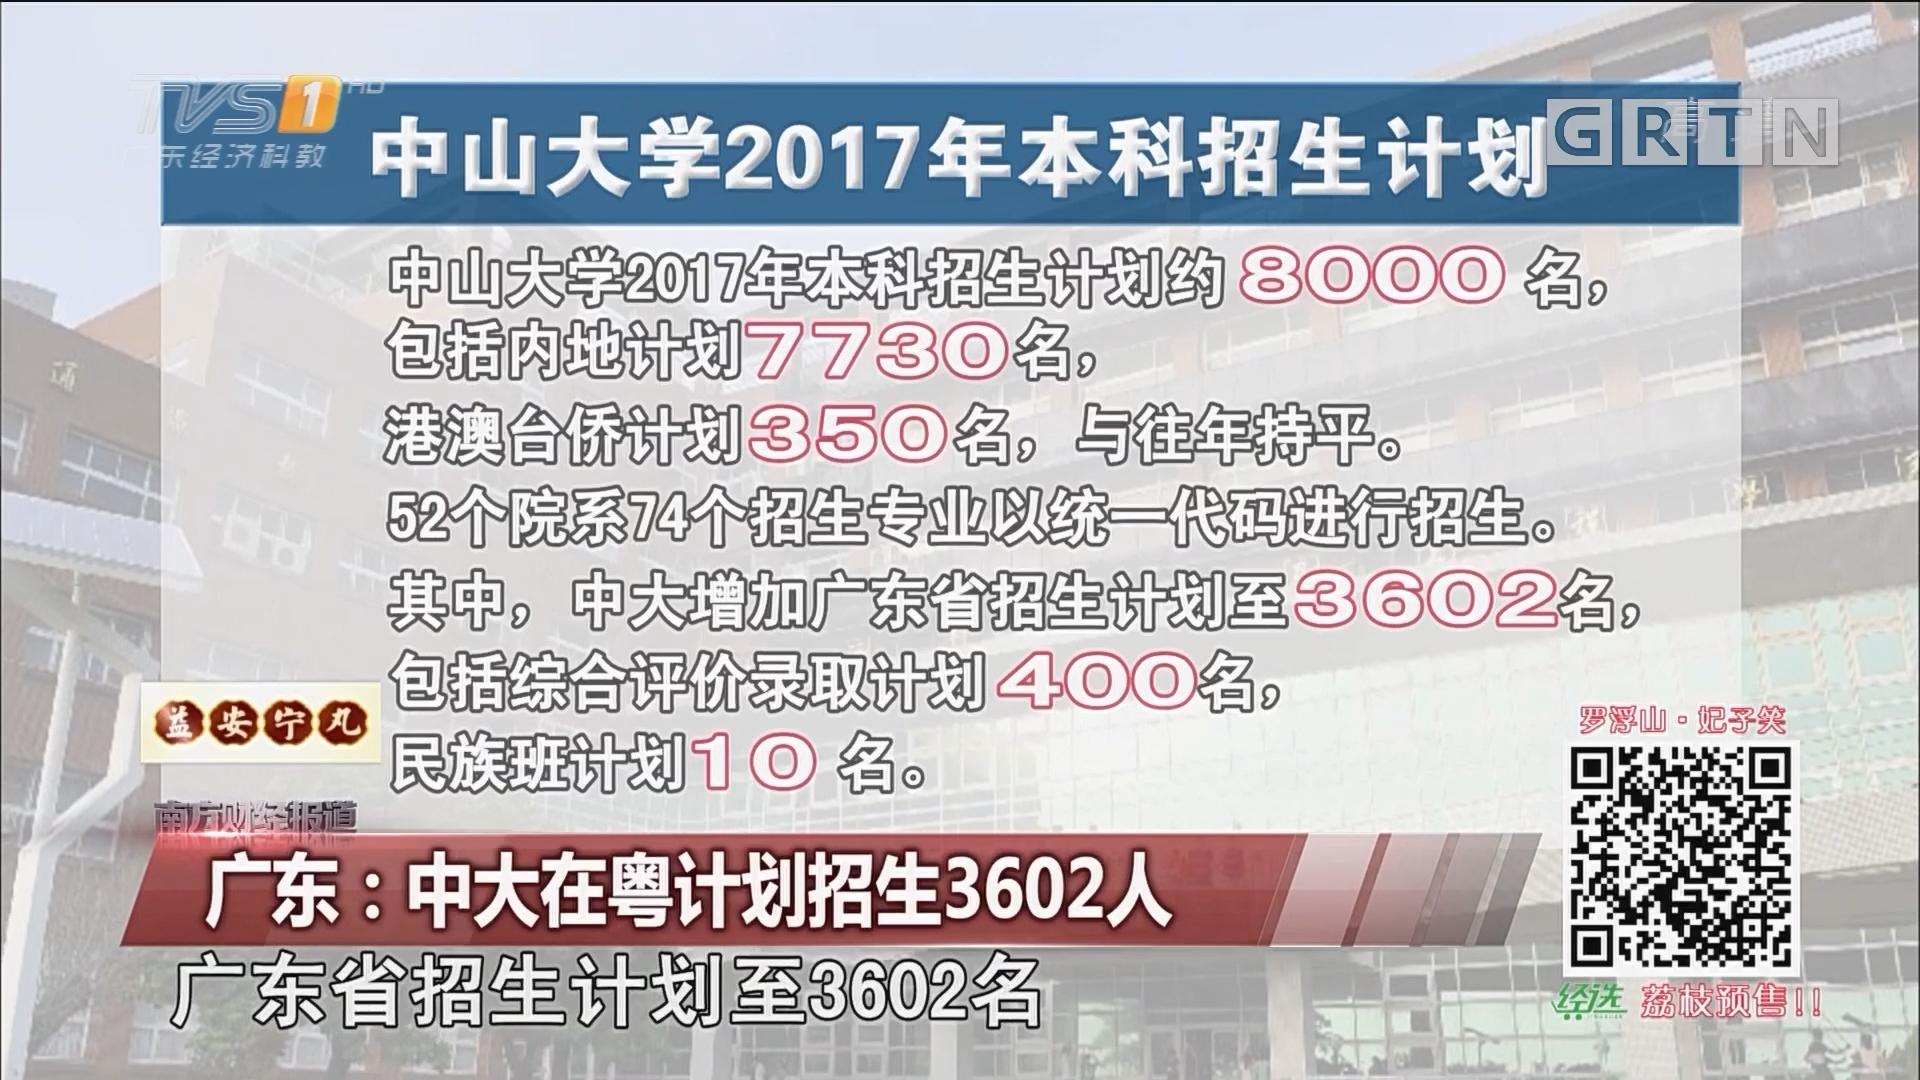 广东:中大在粤计划招生3602人